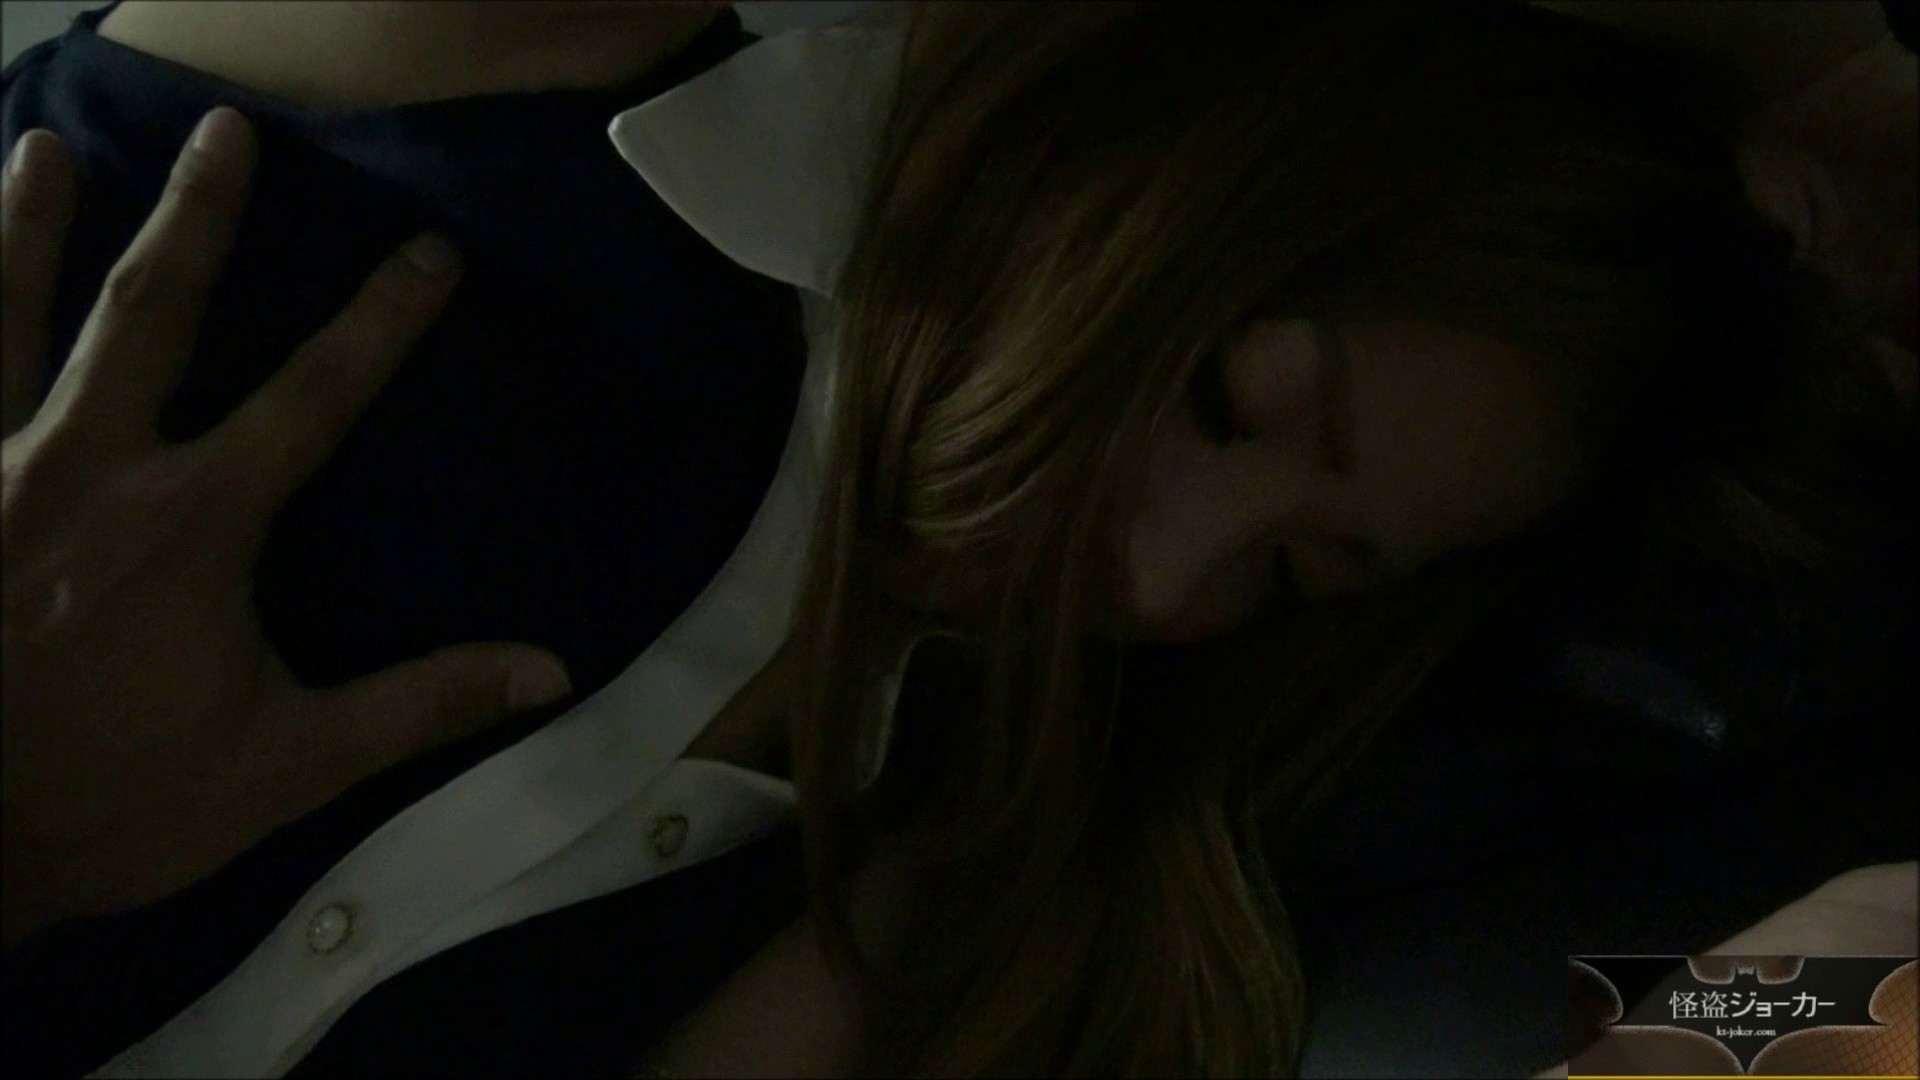 【未公開】vol.87 {茶髪美巨乳ギャル}アミちゃんのヌルヌル液w キャバ嬢 AV動画キャプチャ 100枚 44